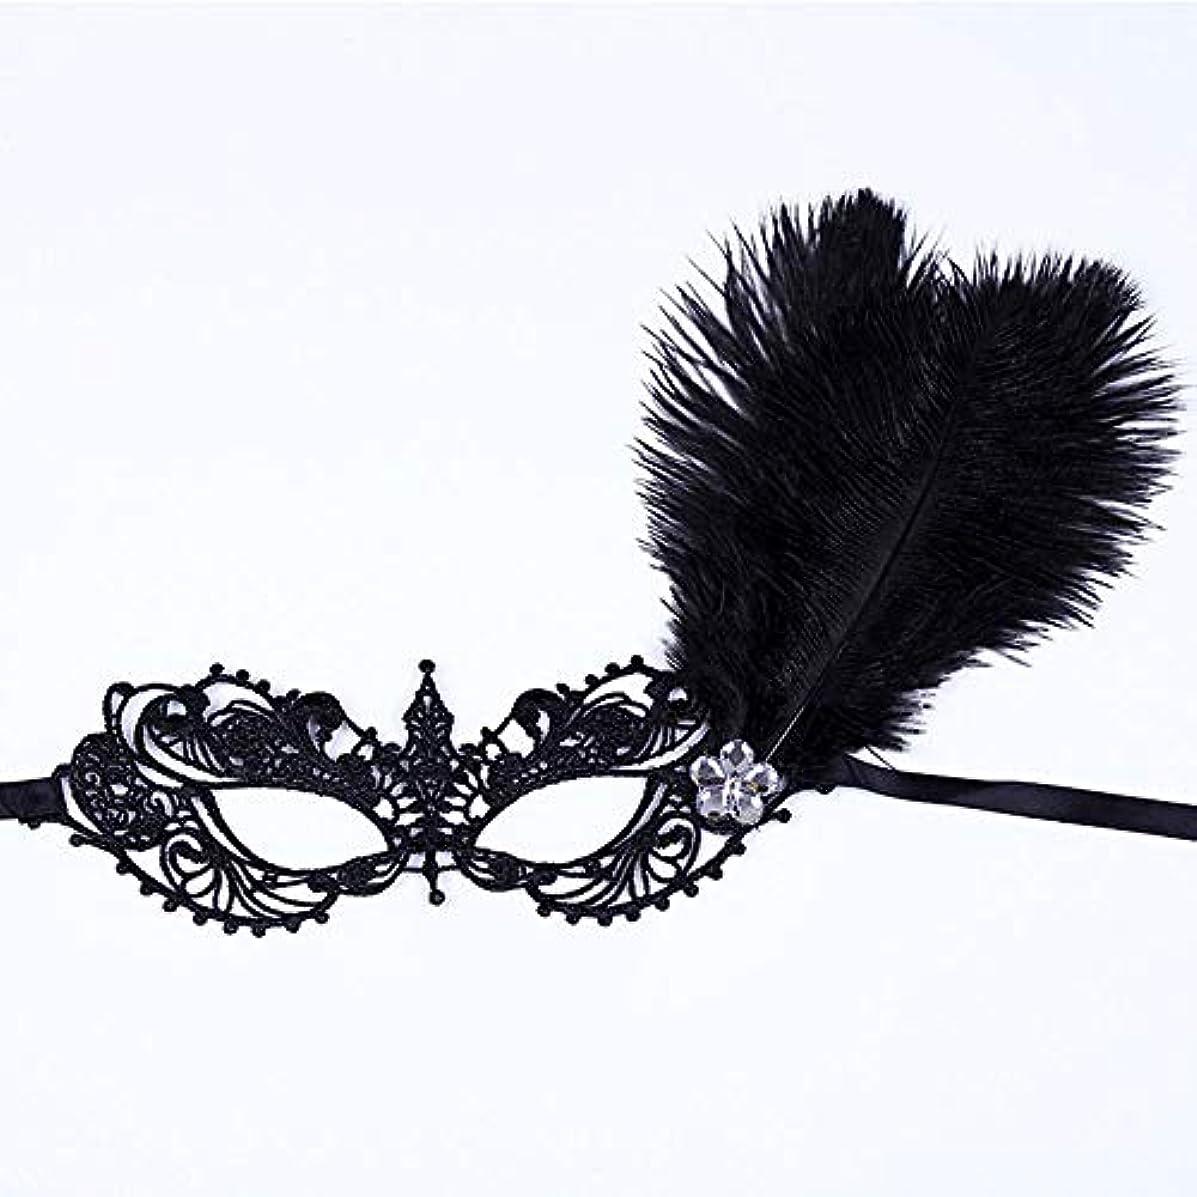 送る倫理カリング仮面舞踏会の羽レースマスクキャットウォークパーティーセクシーなハロウィーンマスクブラック